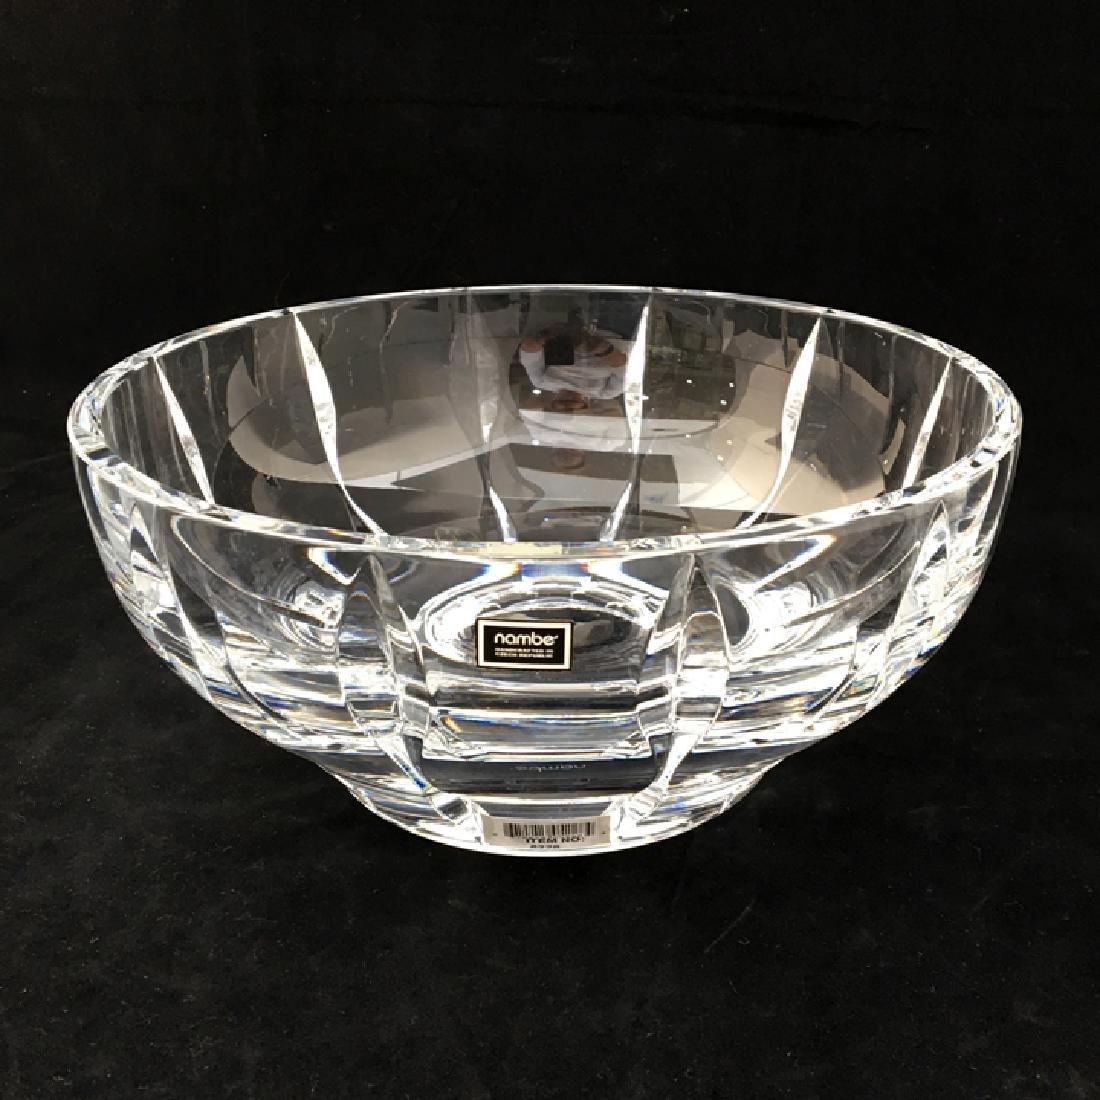 Zeisel Nambe Venus Lrg Crystal Bowl (2001)